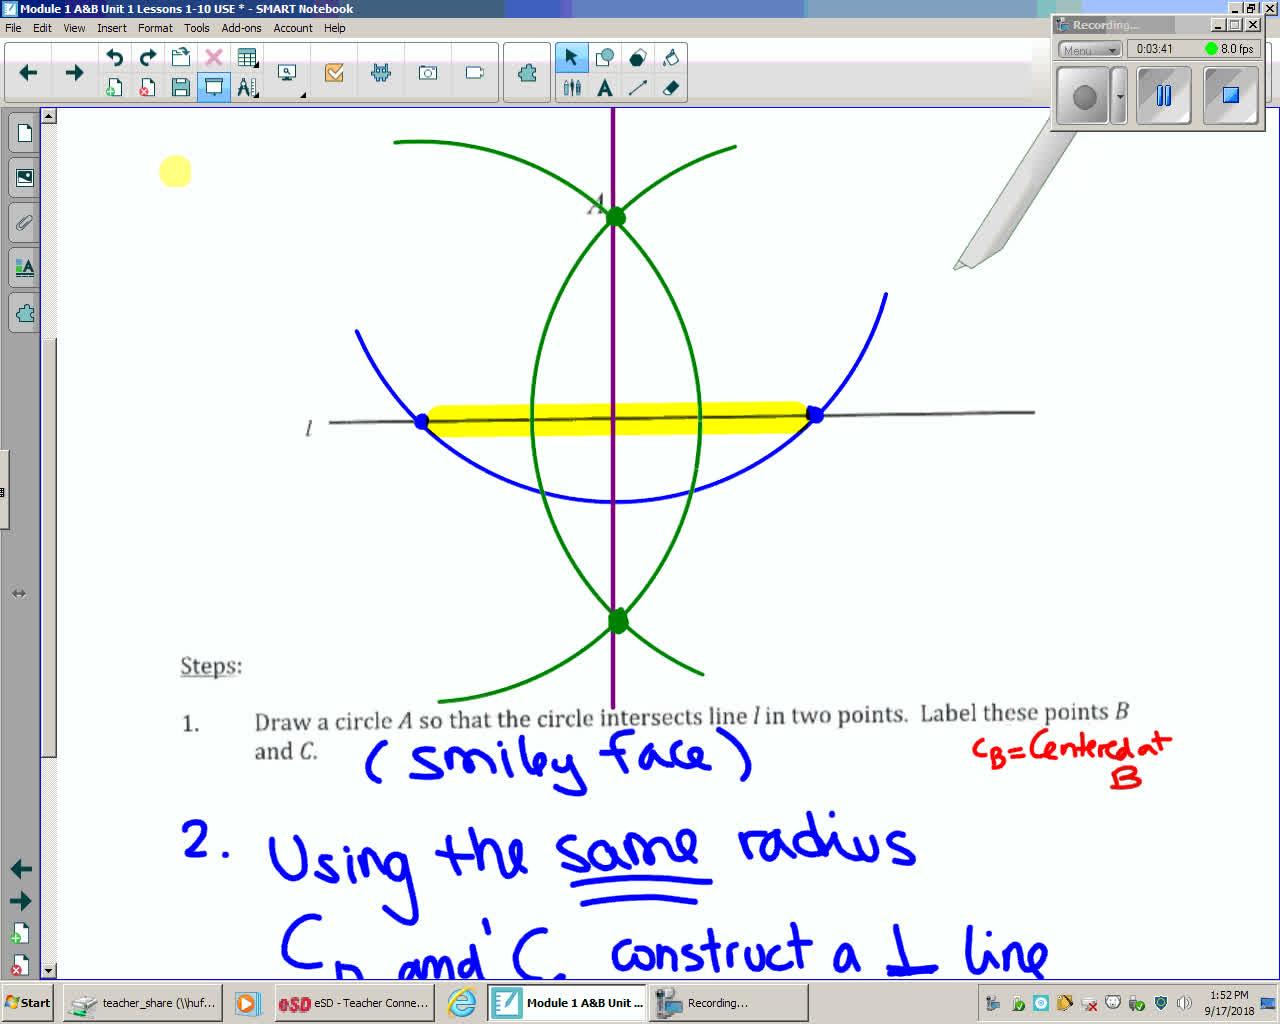 Mod 1 Lesson 5